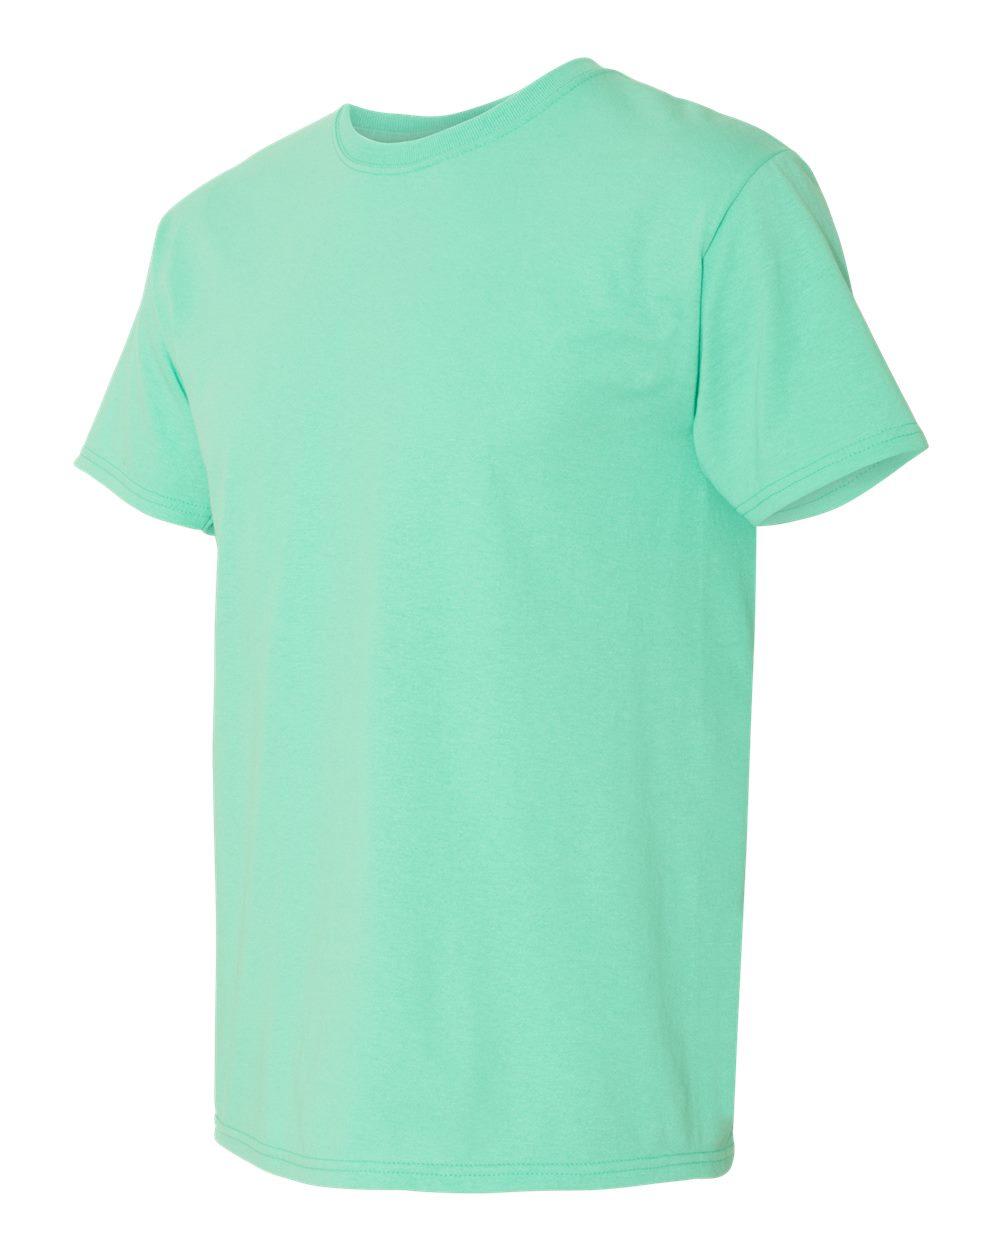 Jerzees-Men-039-s-5-6-oz-50-50-Heavyweight-Blend-T-Shirt-29M-S-4XL thumbnail 57